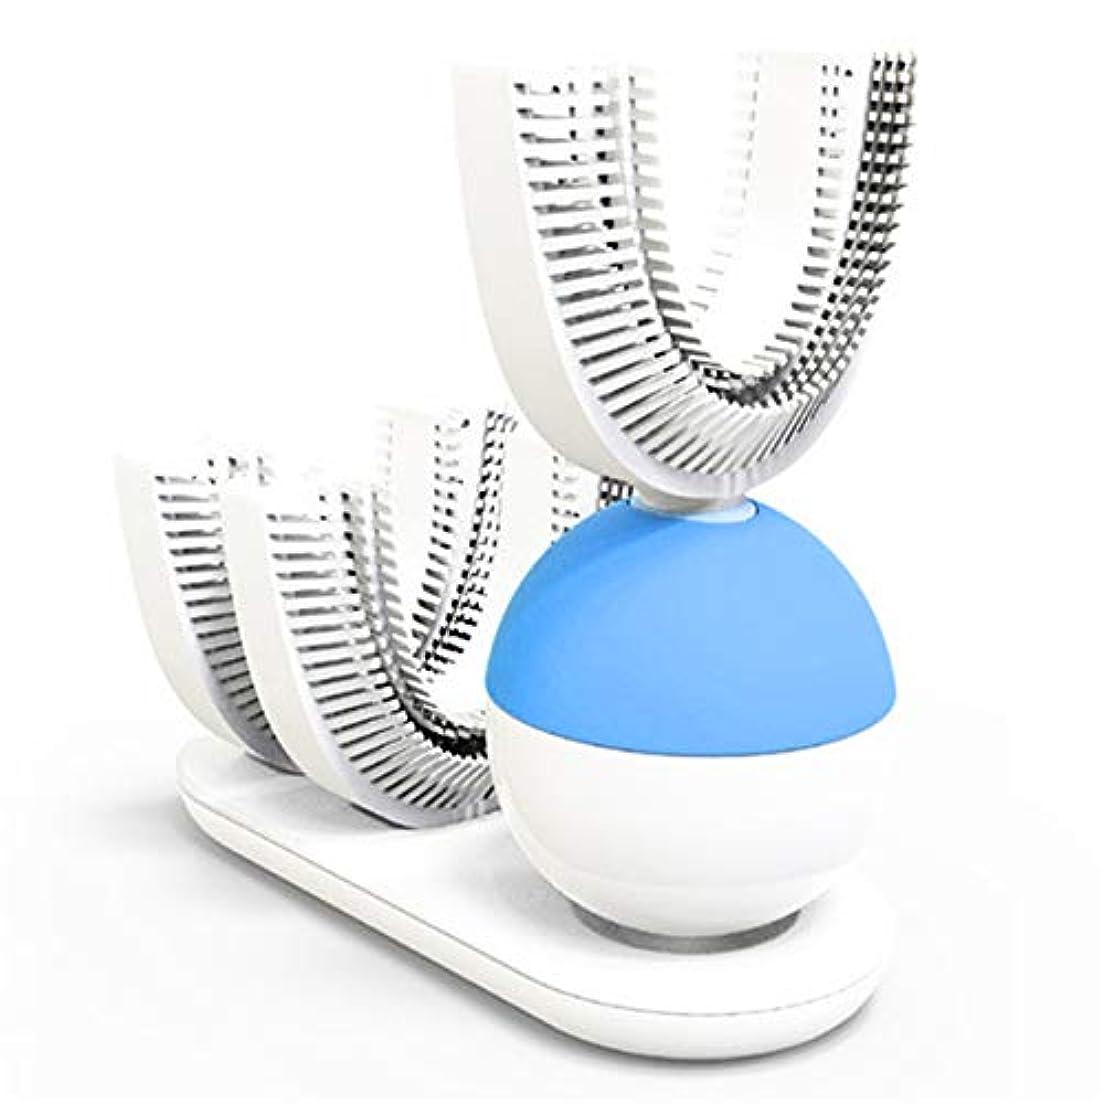 想起累計宝石電動歯ブラシ 自動歯ブラシ U型 360°全方位 超音波 怠け者歯ブラシ ワイヤレス充電 歯ブラシヘッド付き